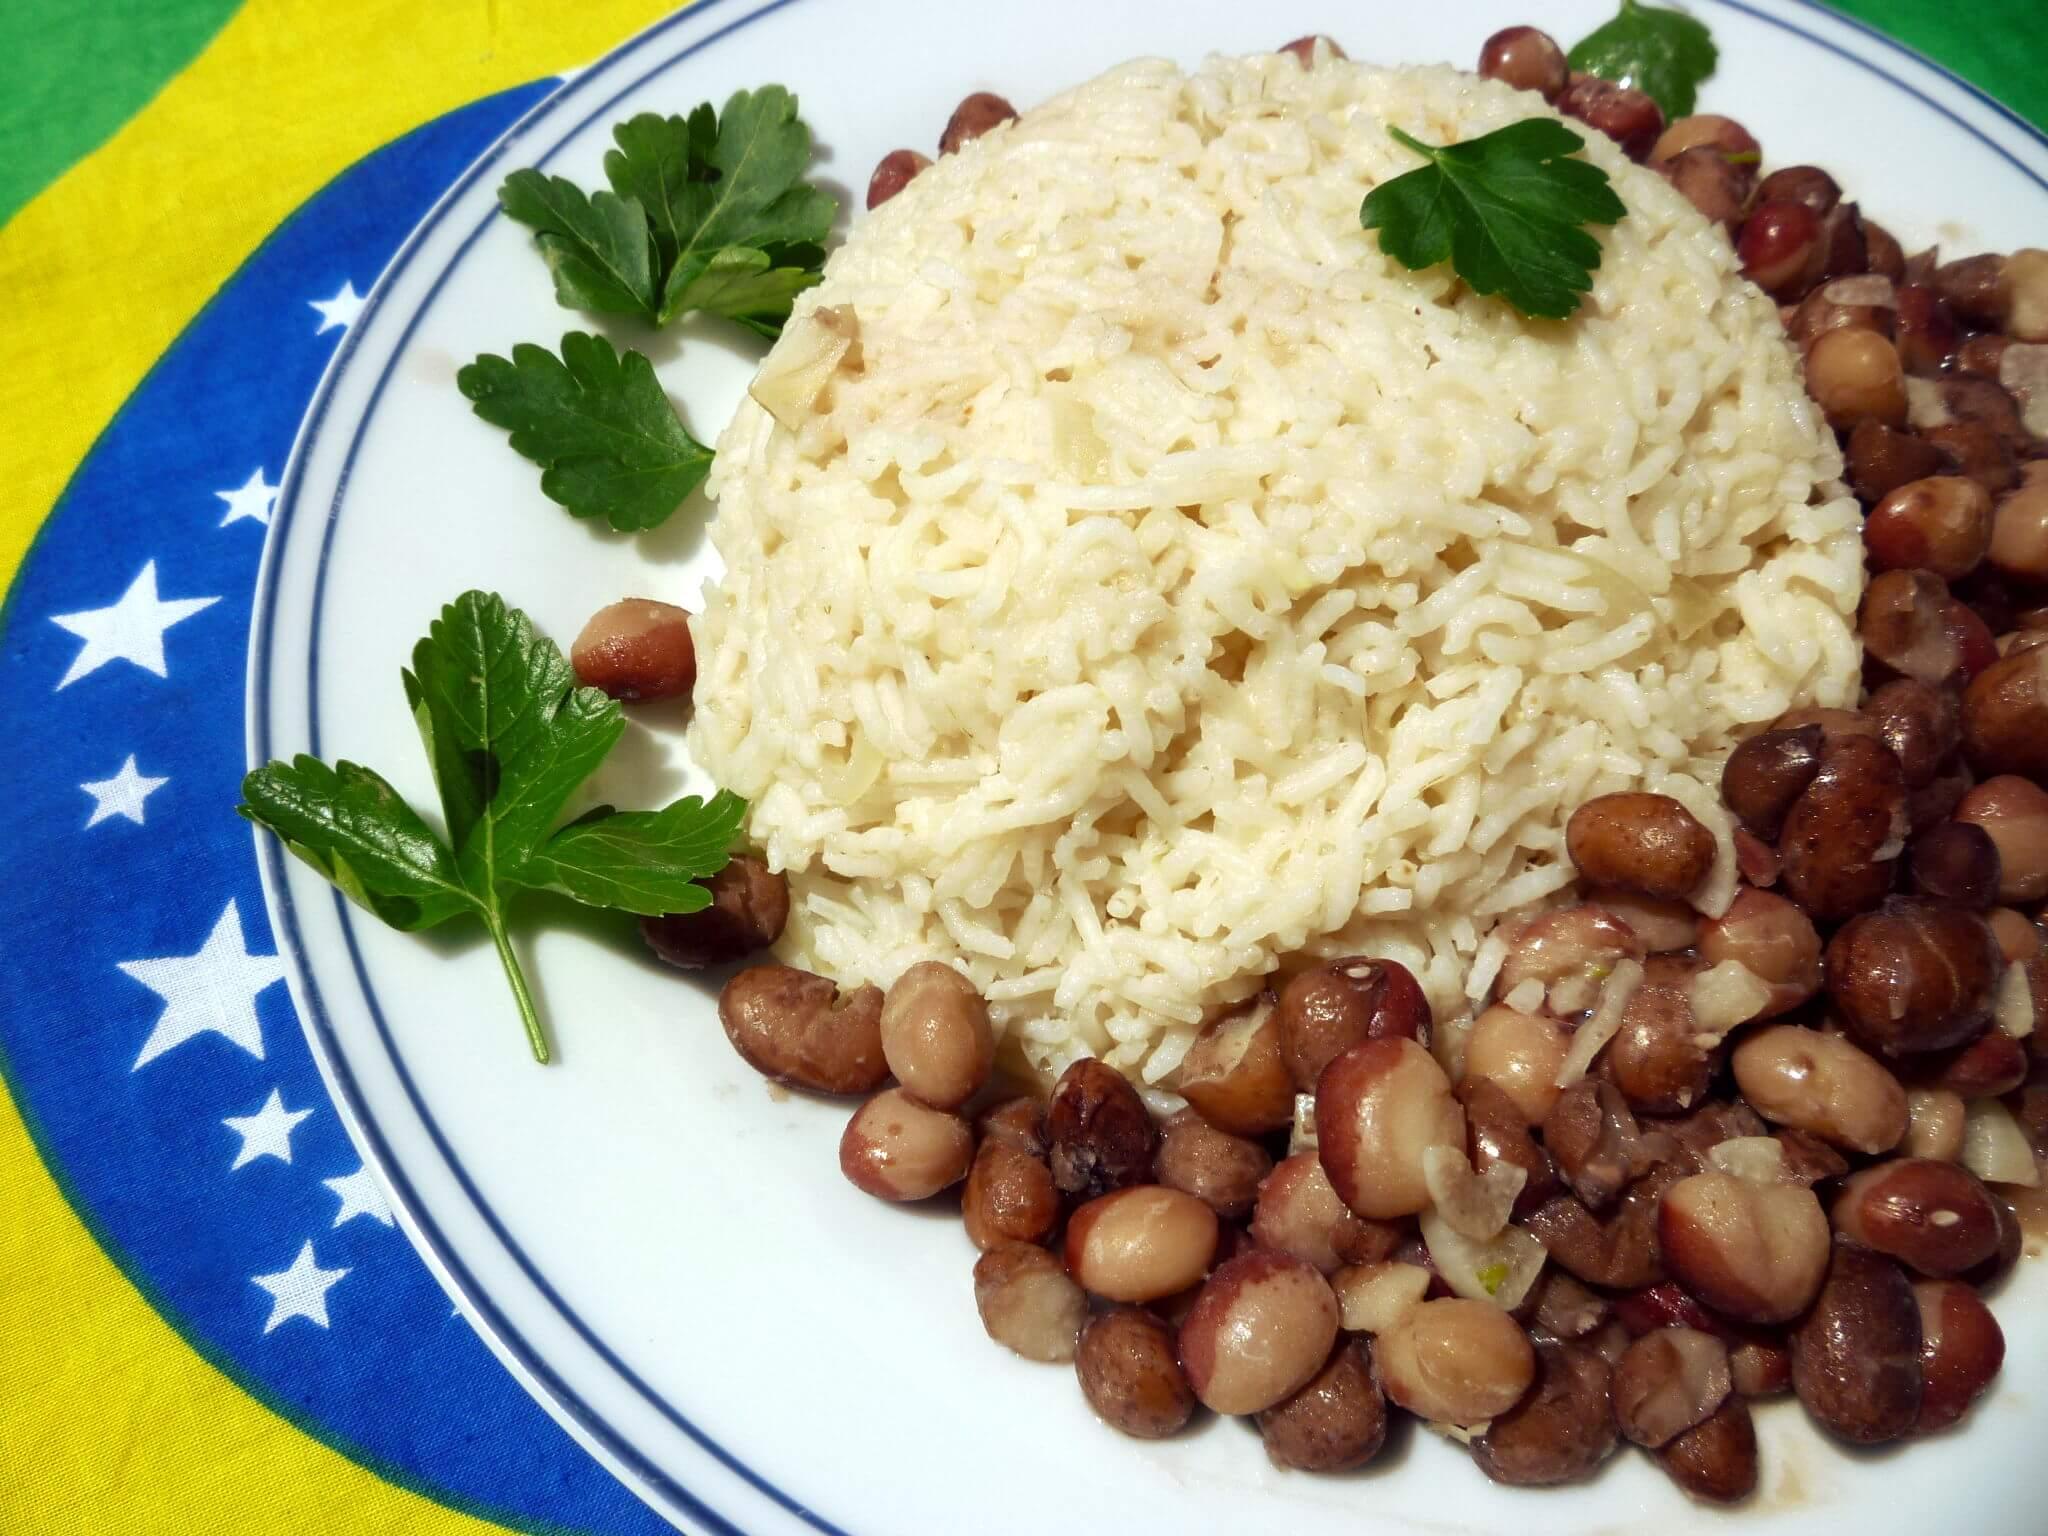 arroz-com-feijao (17)